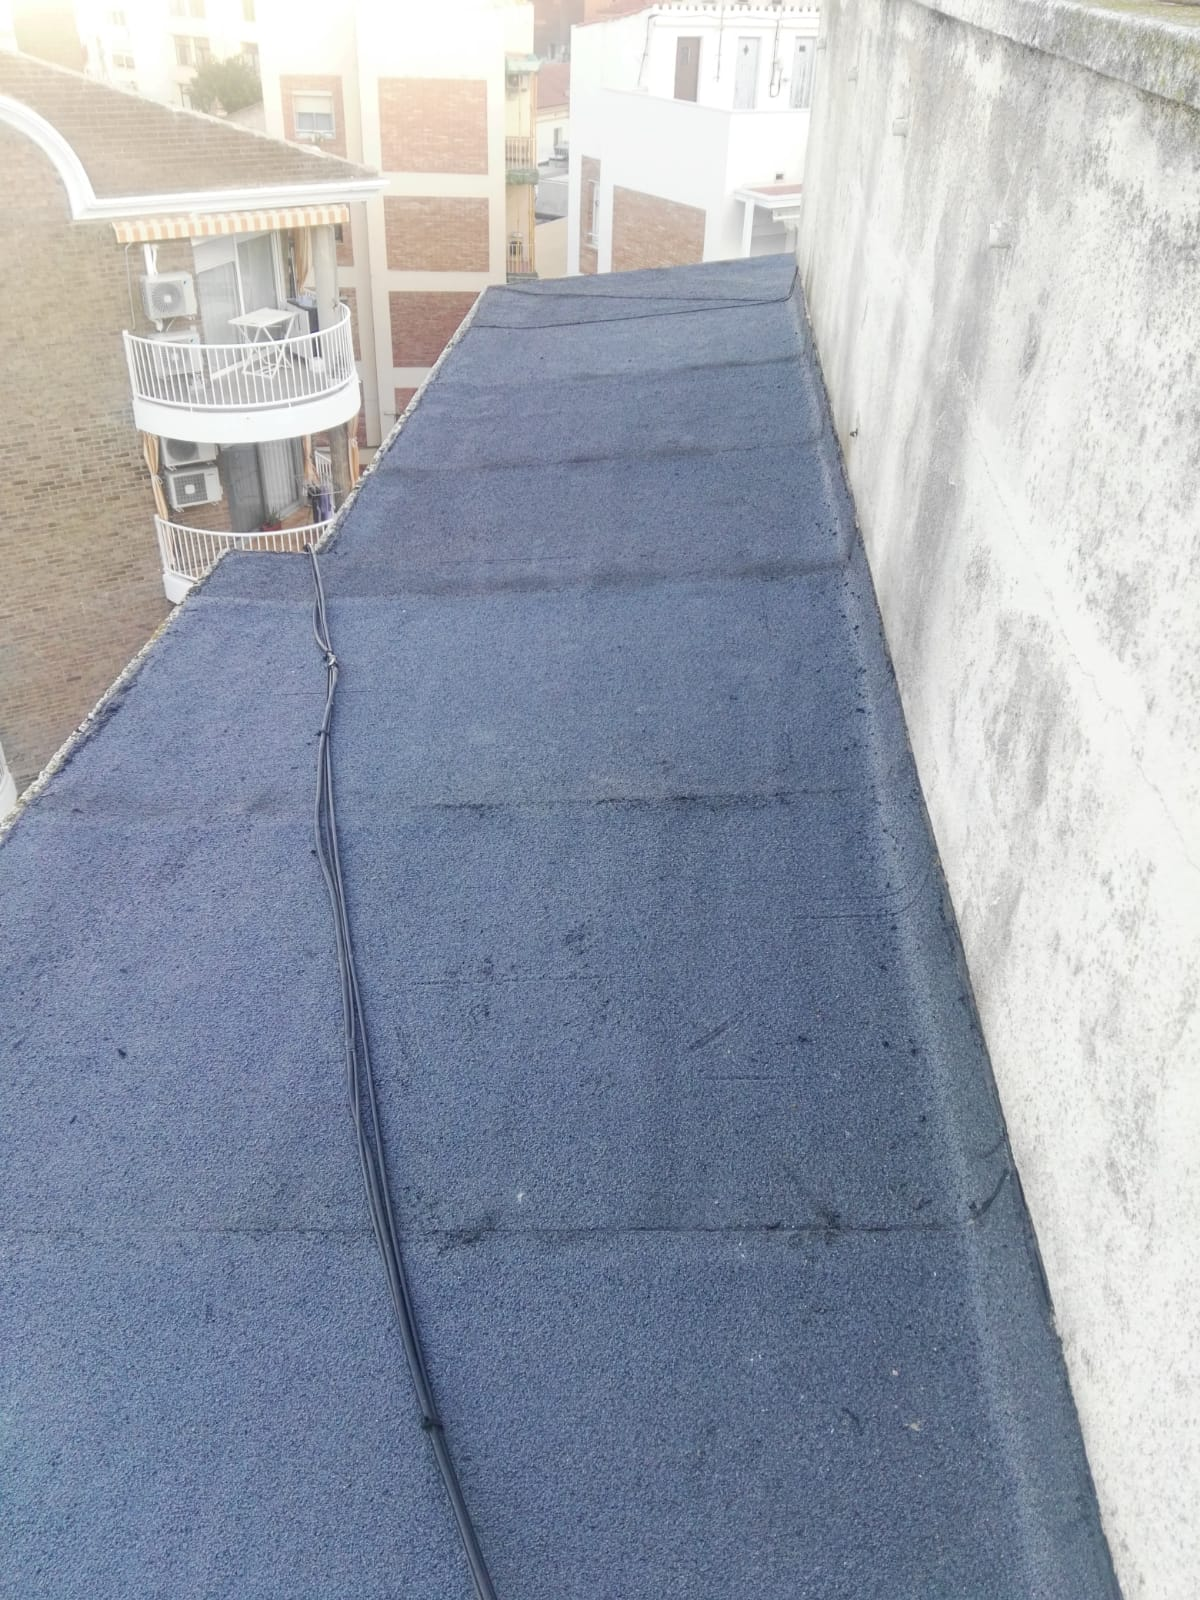 impermeabilització coberta